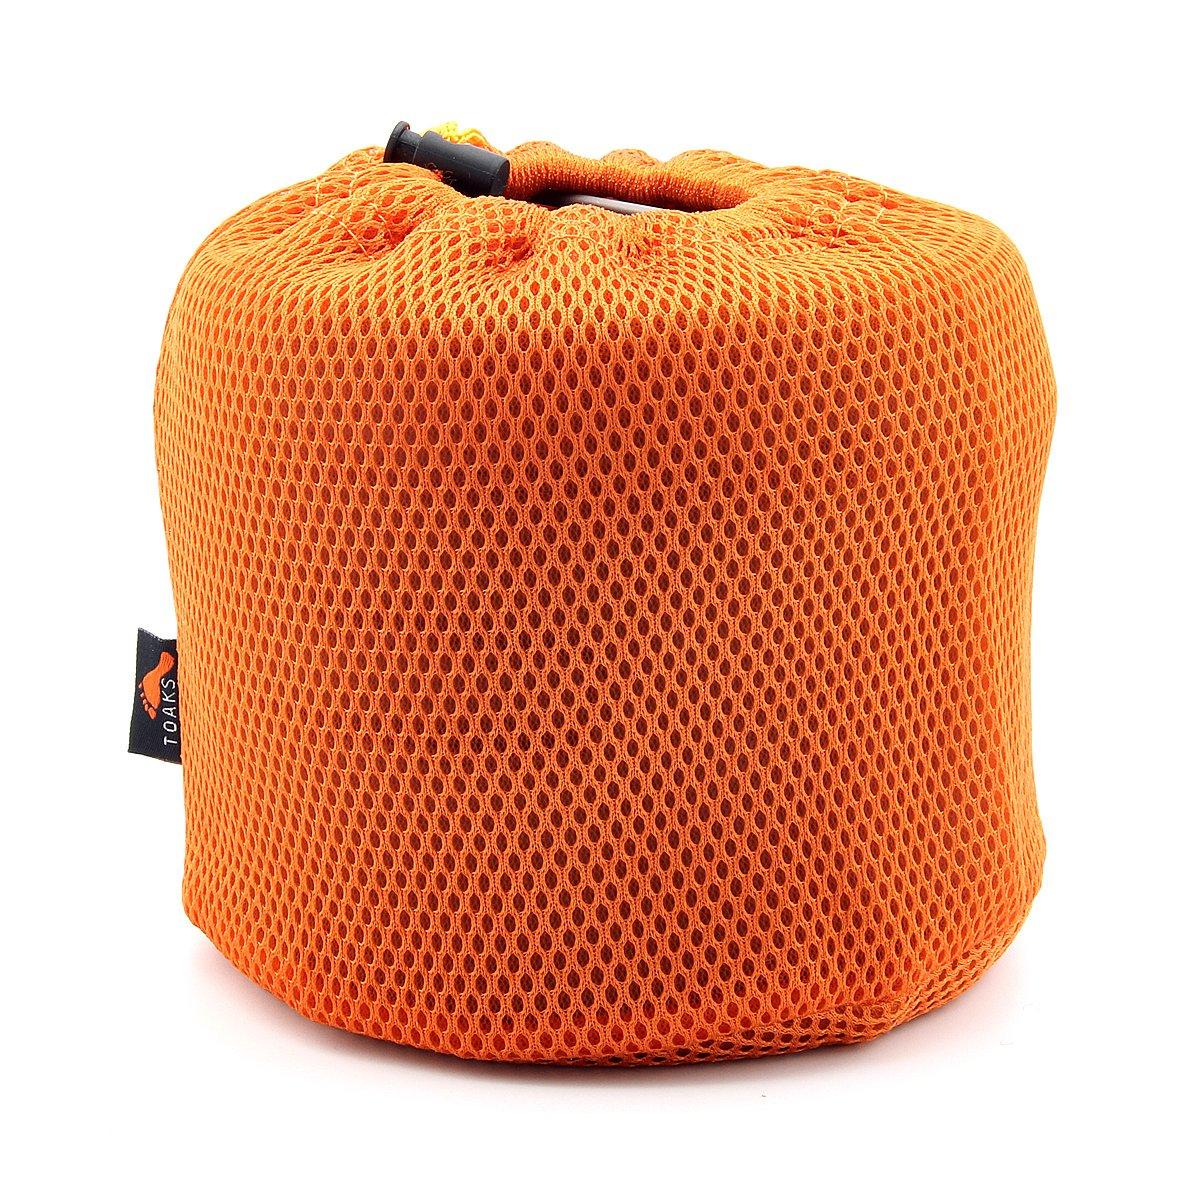 1350 ML 1600 ML TOAKS Batterie de Cuisine Ultra l/ég/ère en Titane Po/êle /à Frire pour Camping ext/érieur Bol en Titane Tasse Pique-Nique 1100 ML 1300 ML